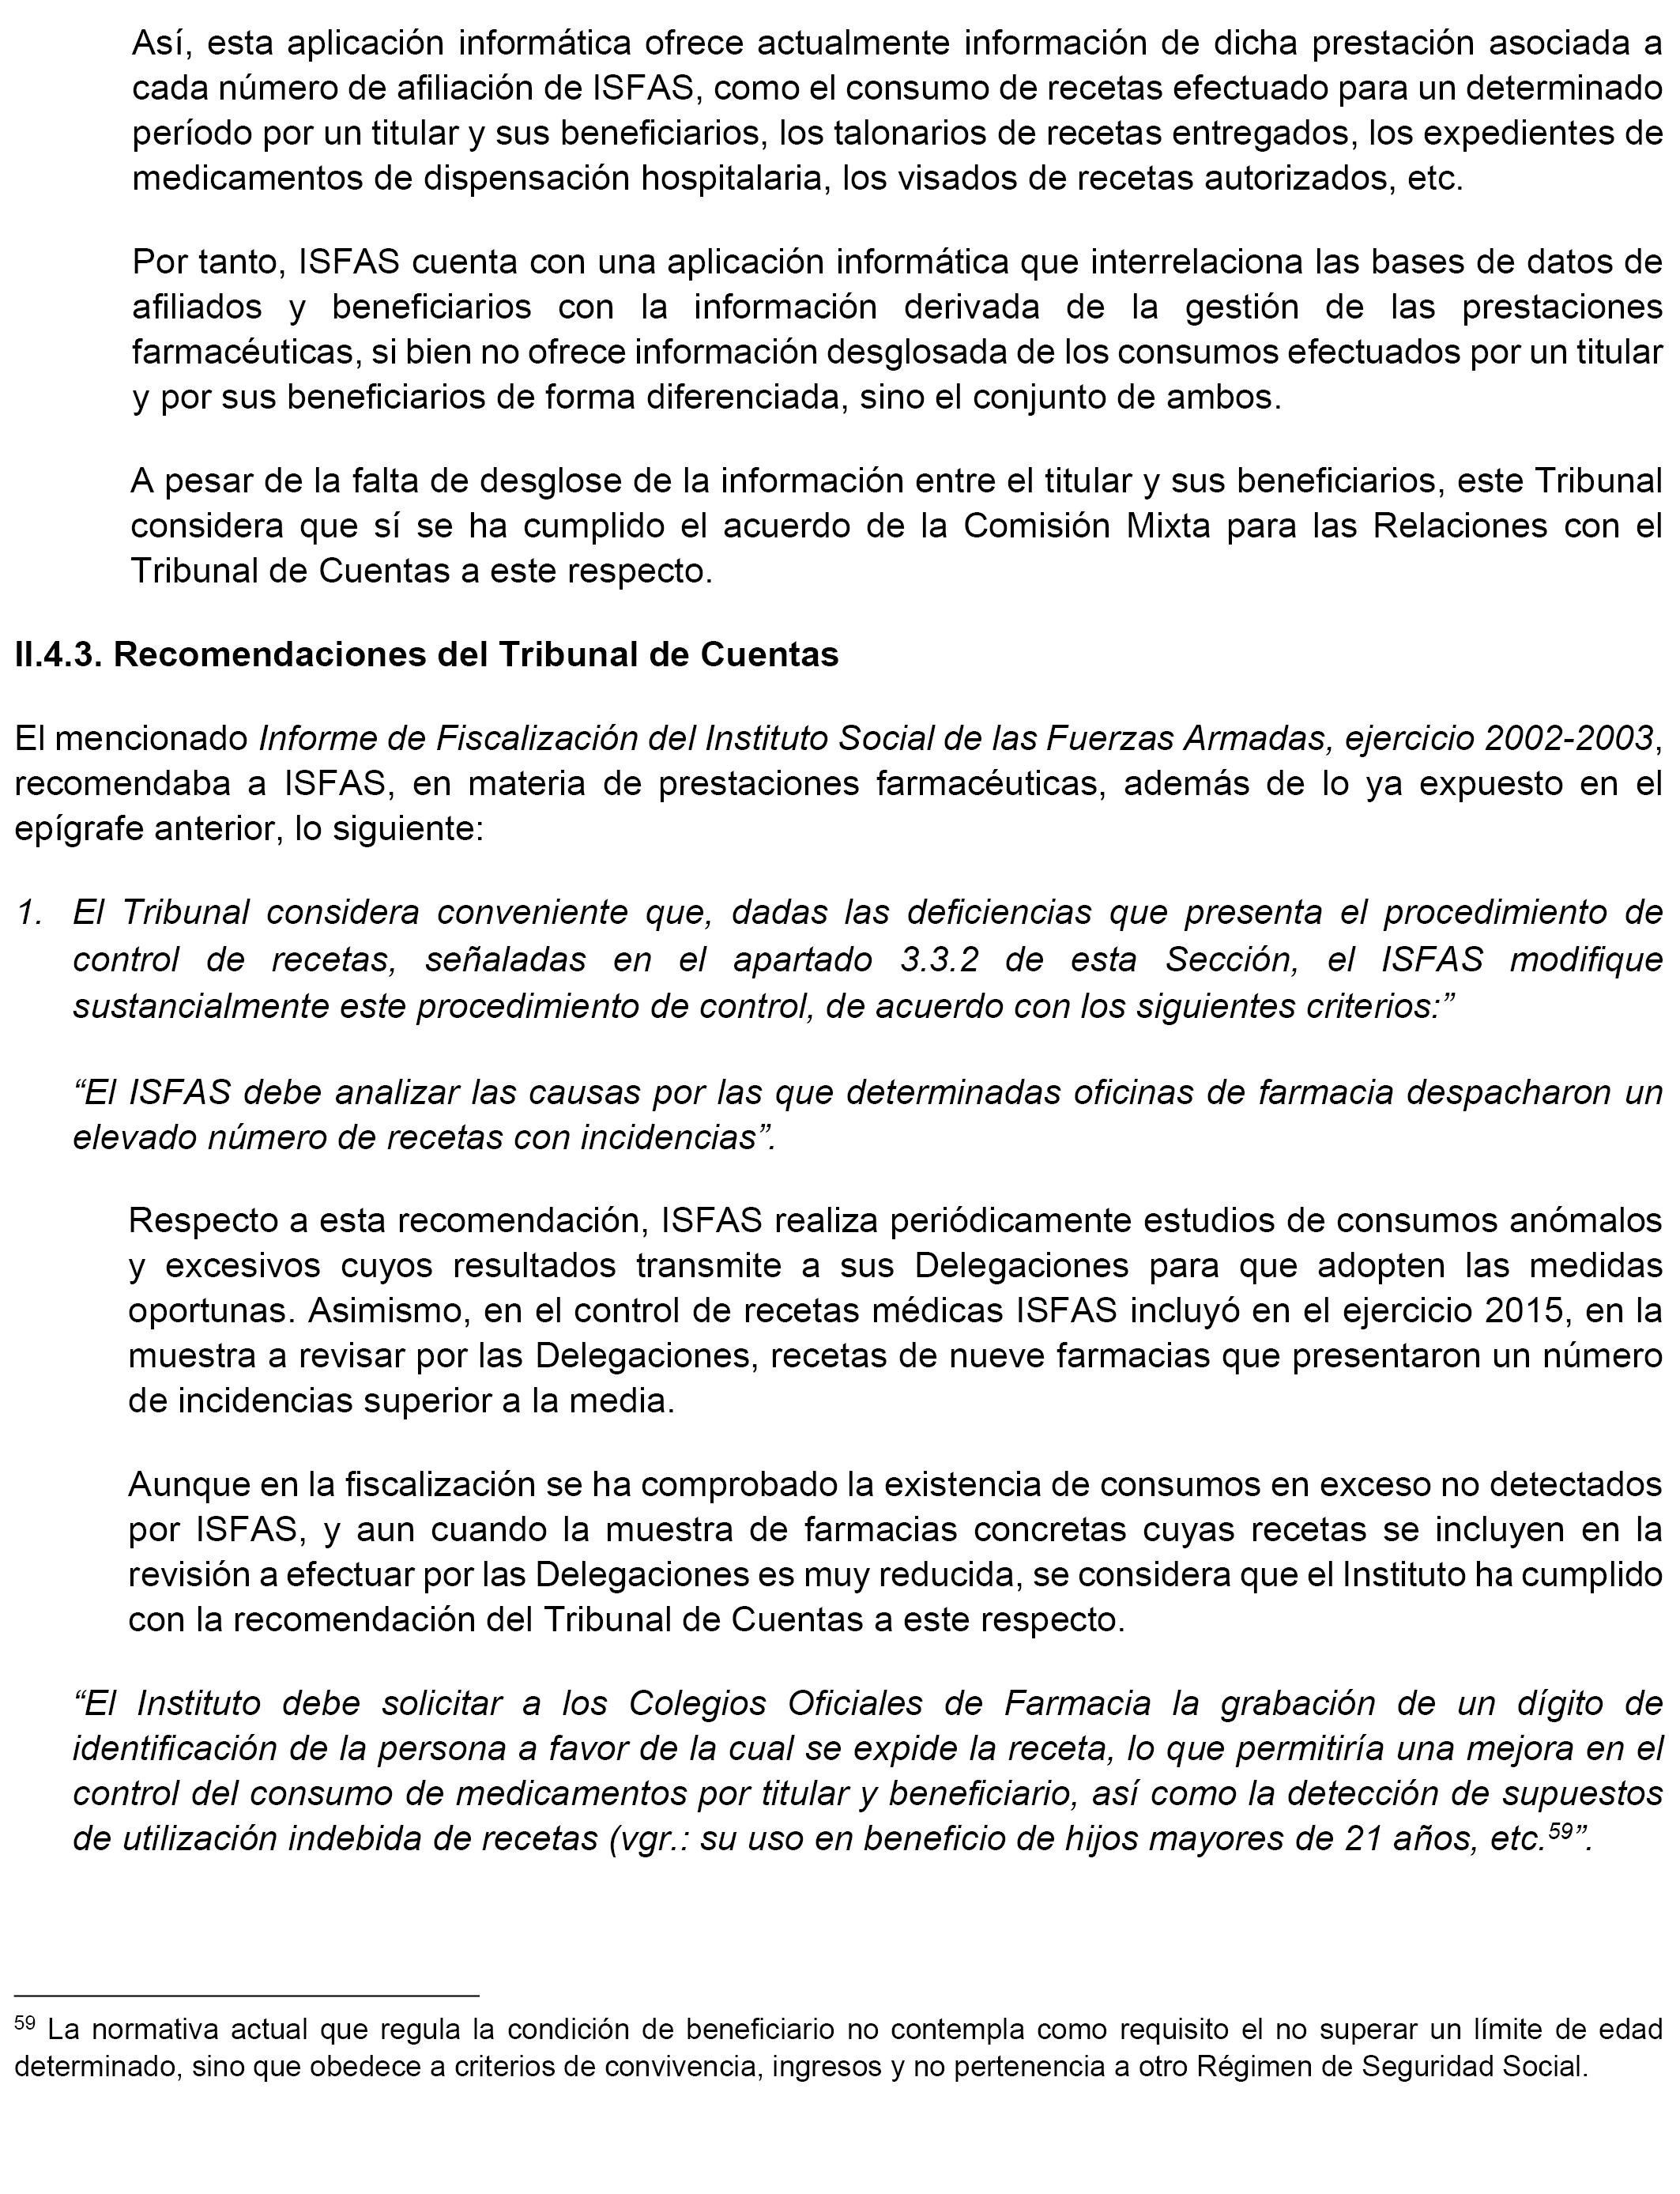 Atractivo Cuentas Reanudan El Documento De Muestra Adorno - Ejemplo ...